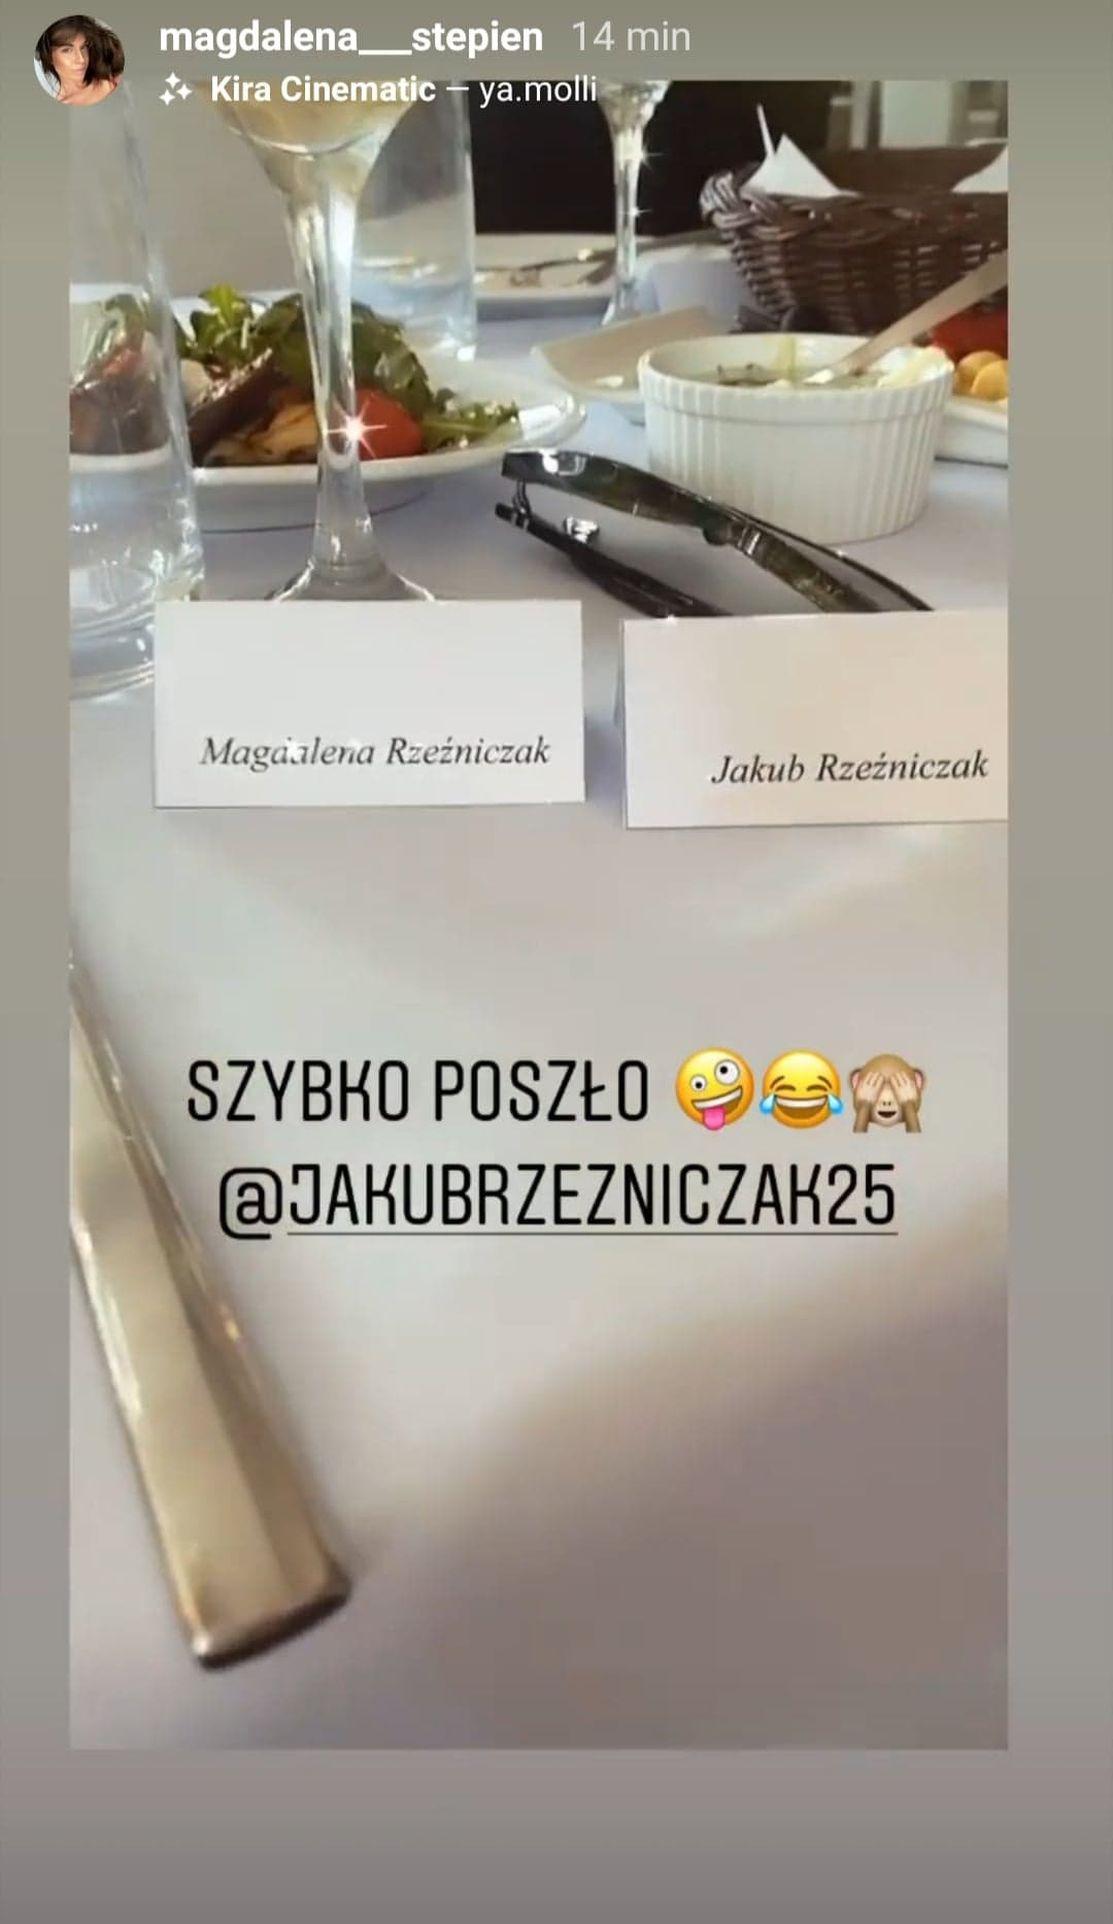 Jakub Rzeźniczak wziął ślub z Magdą Stępień?